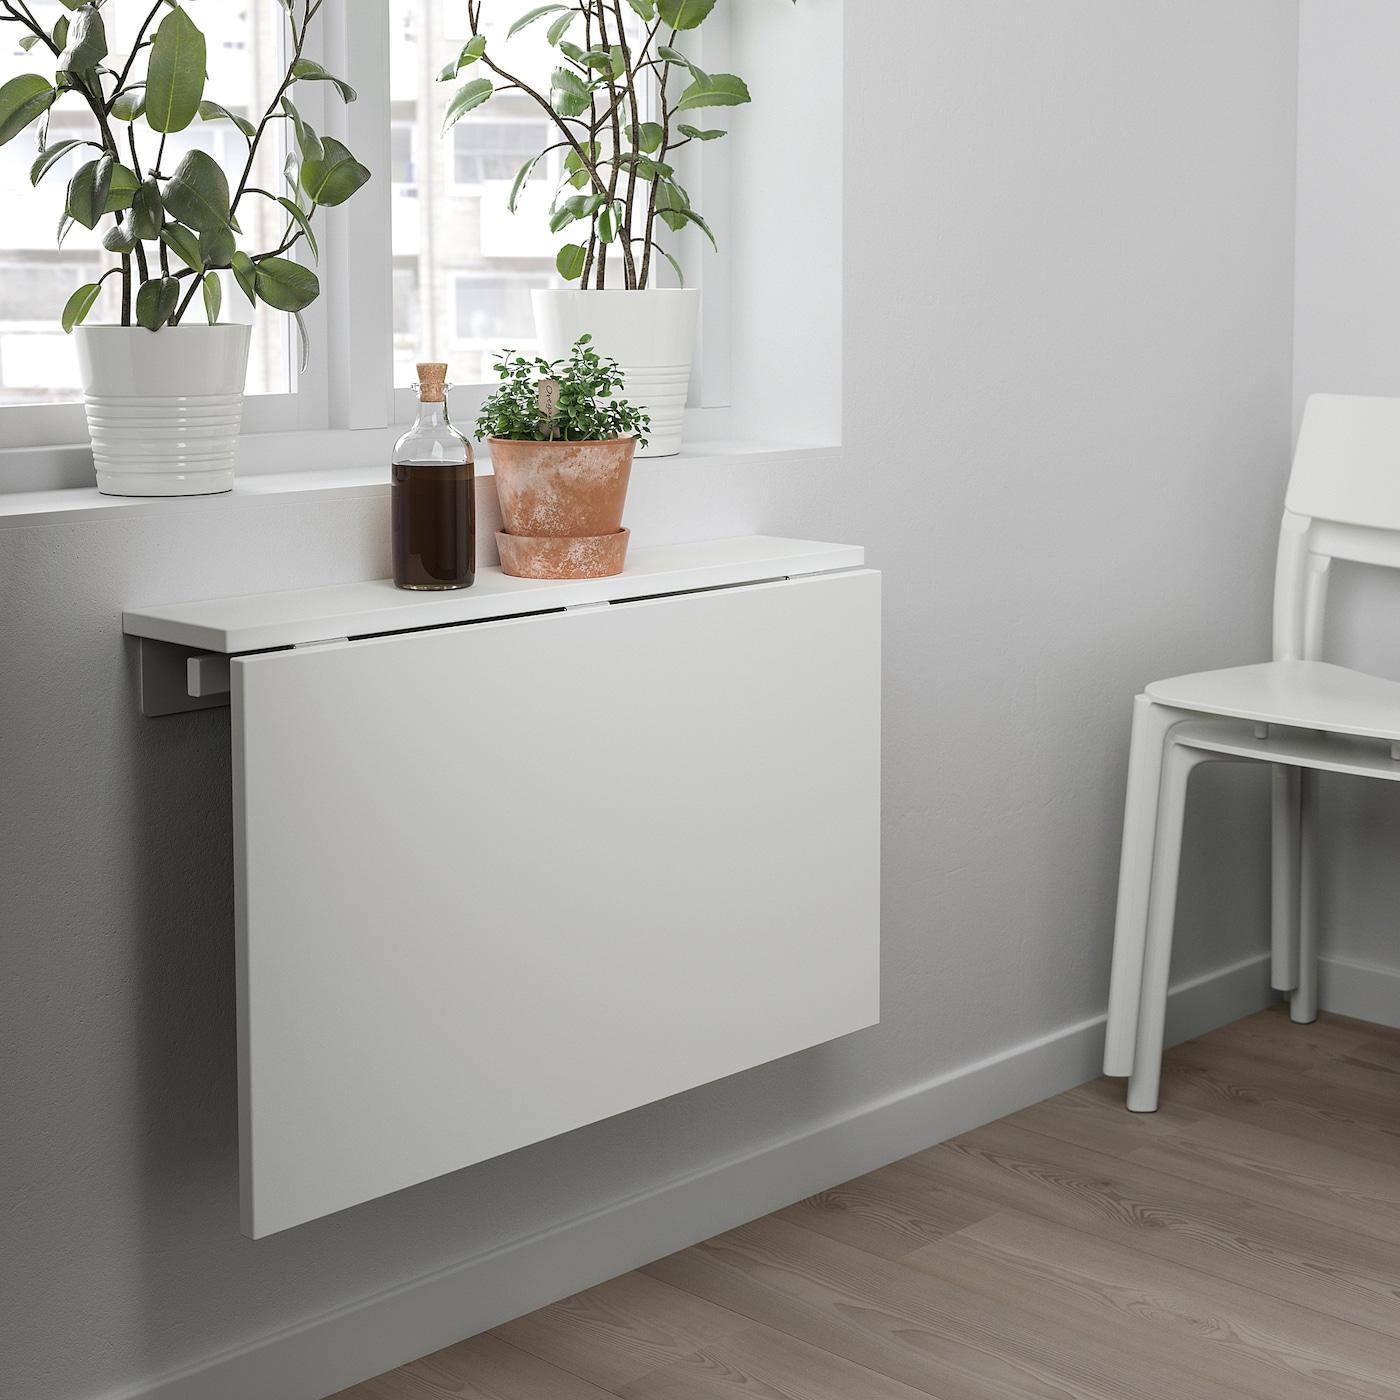 Ikea Tavolo A Scomparsa.Norberg Tavolo Ribaltabile Da Parete Bianco Ikea